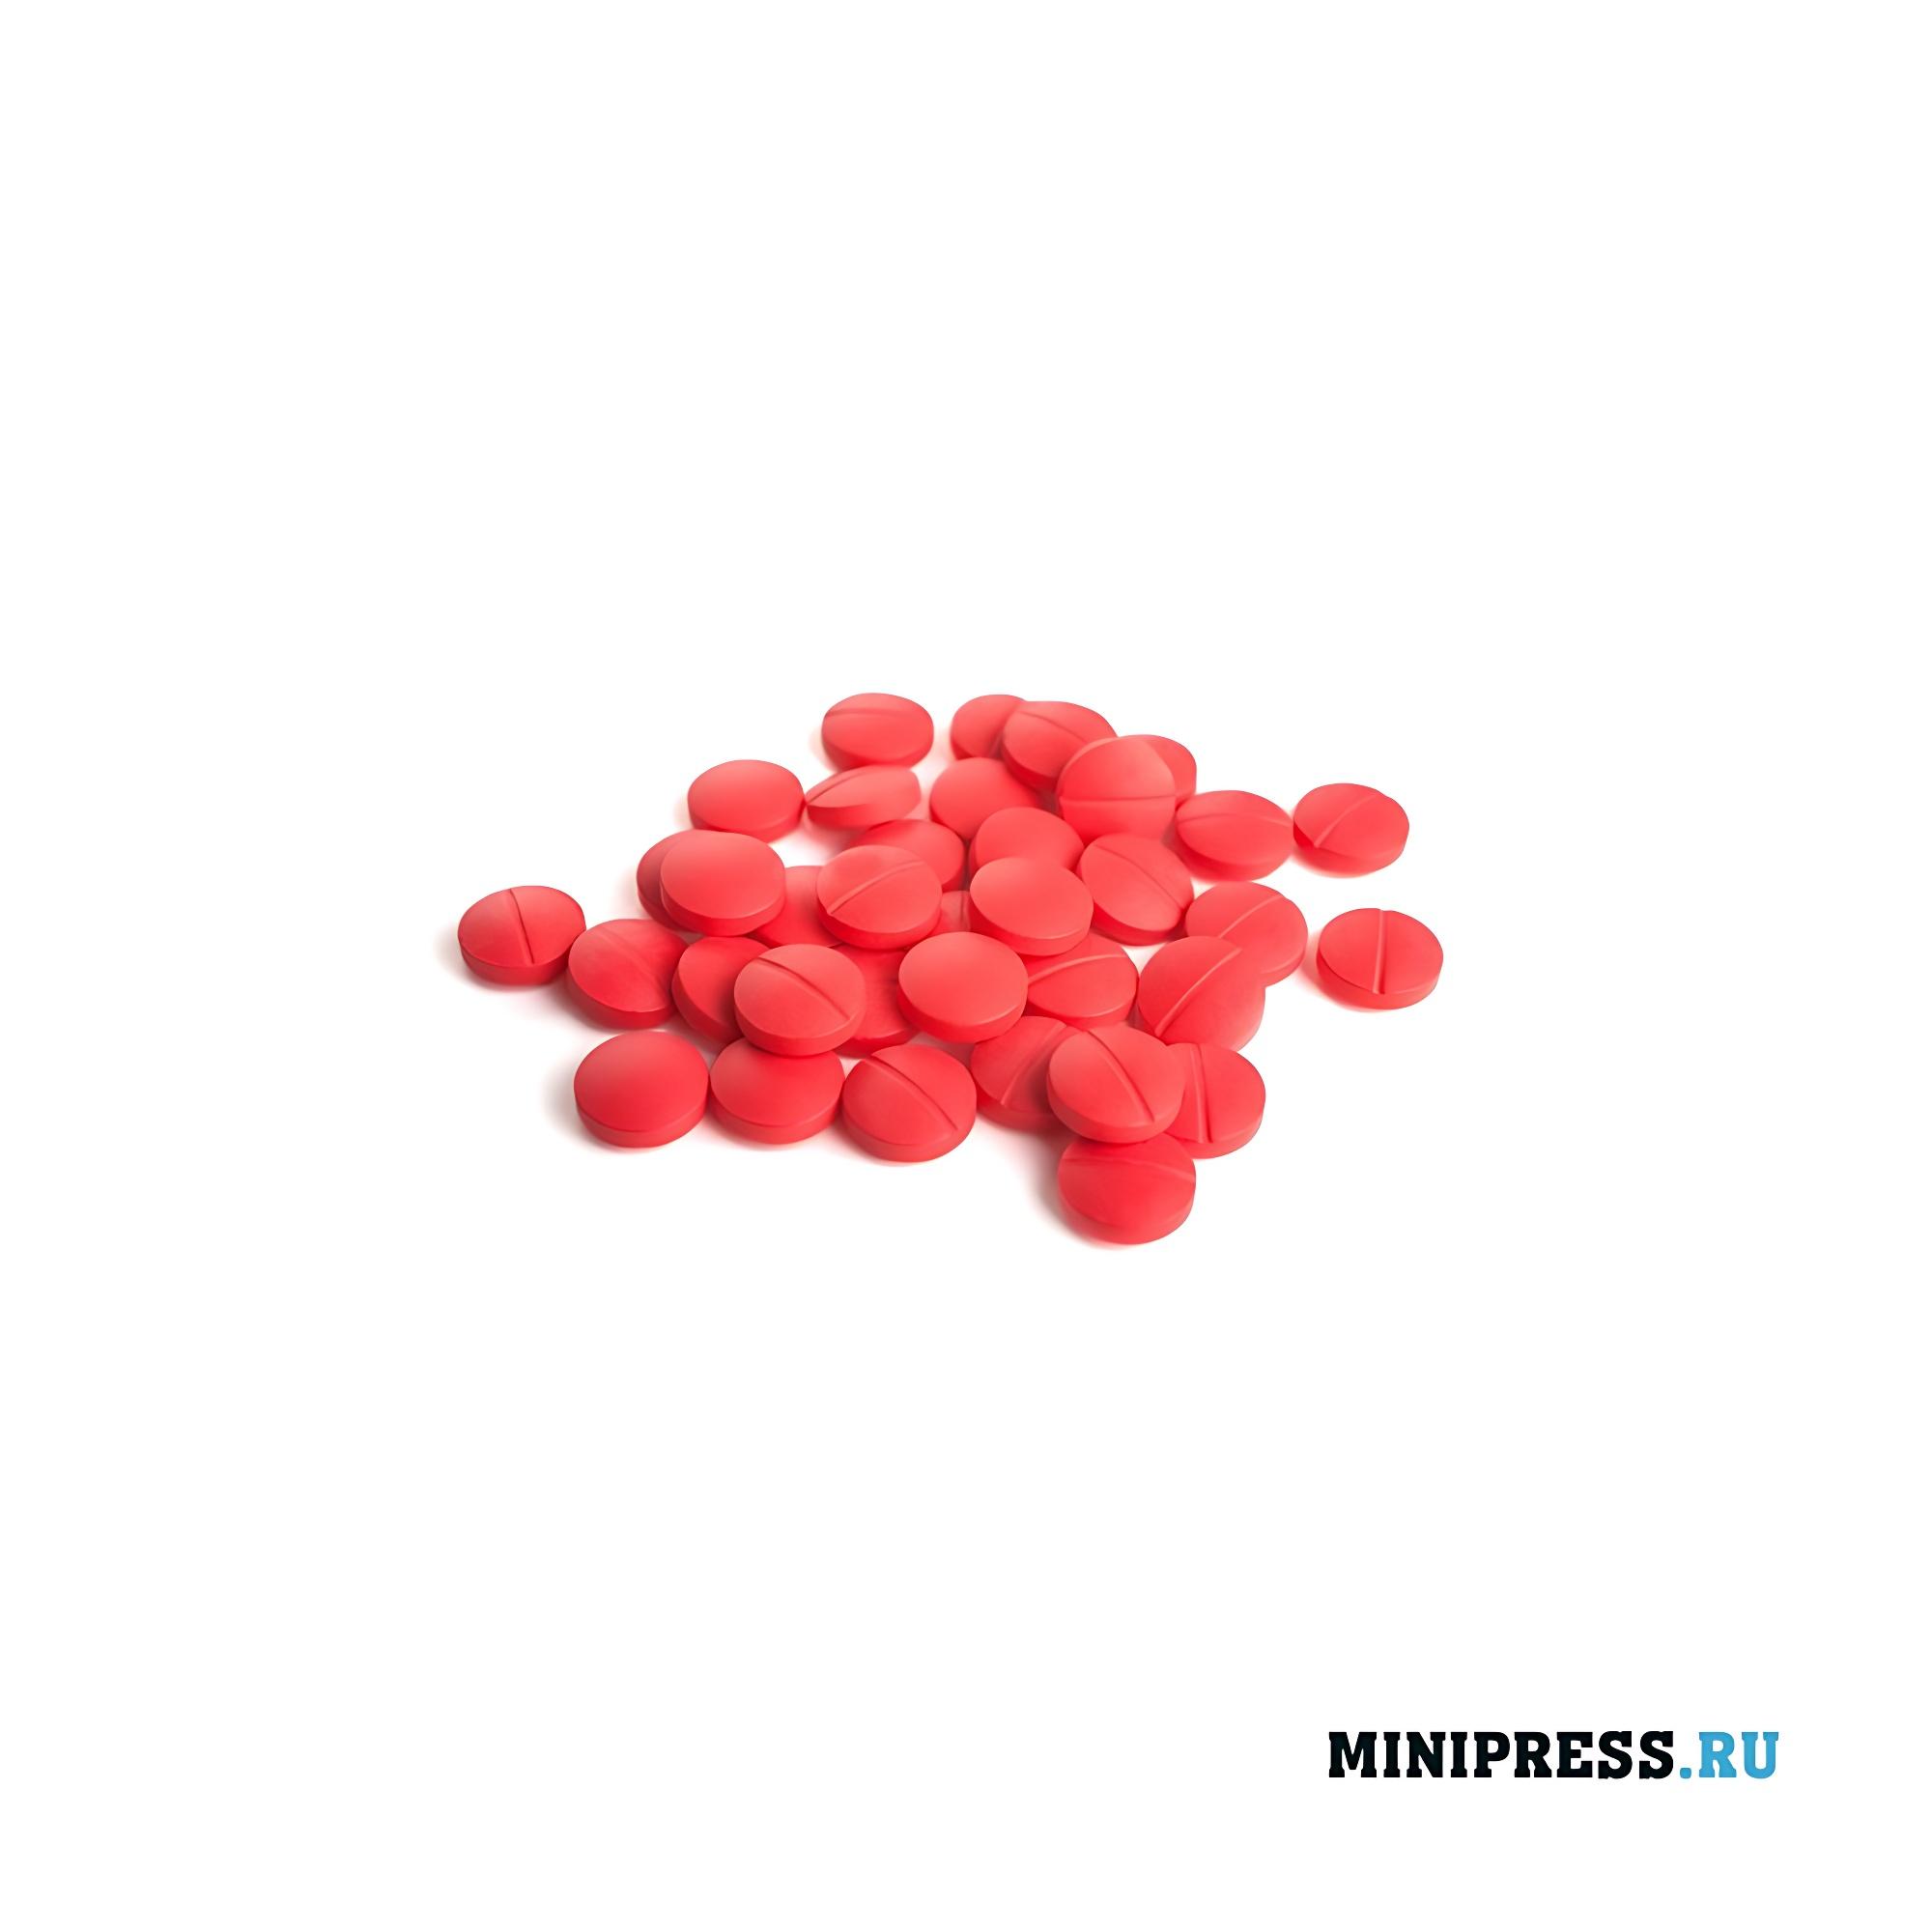 Готовые таблетки